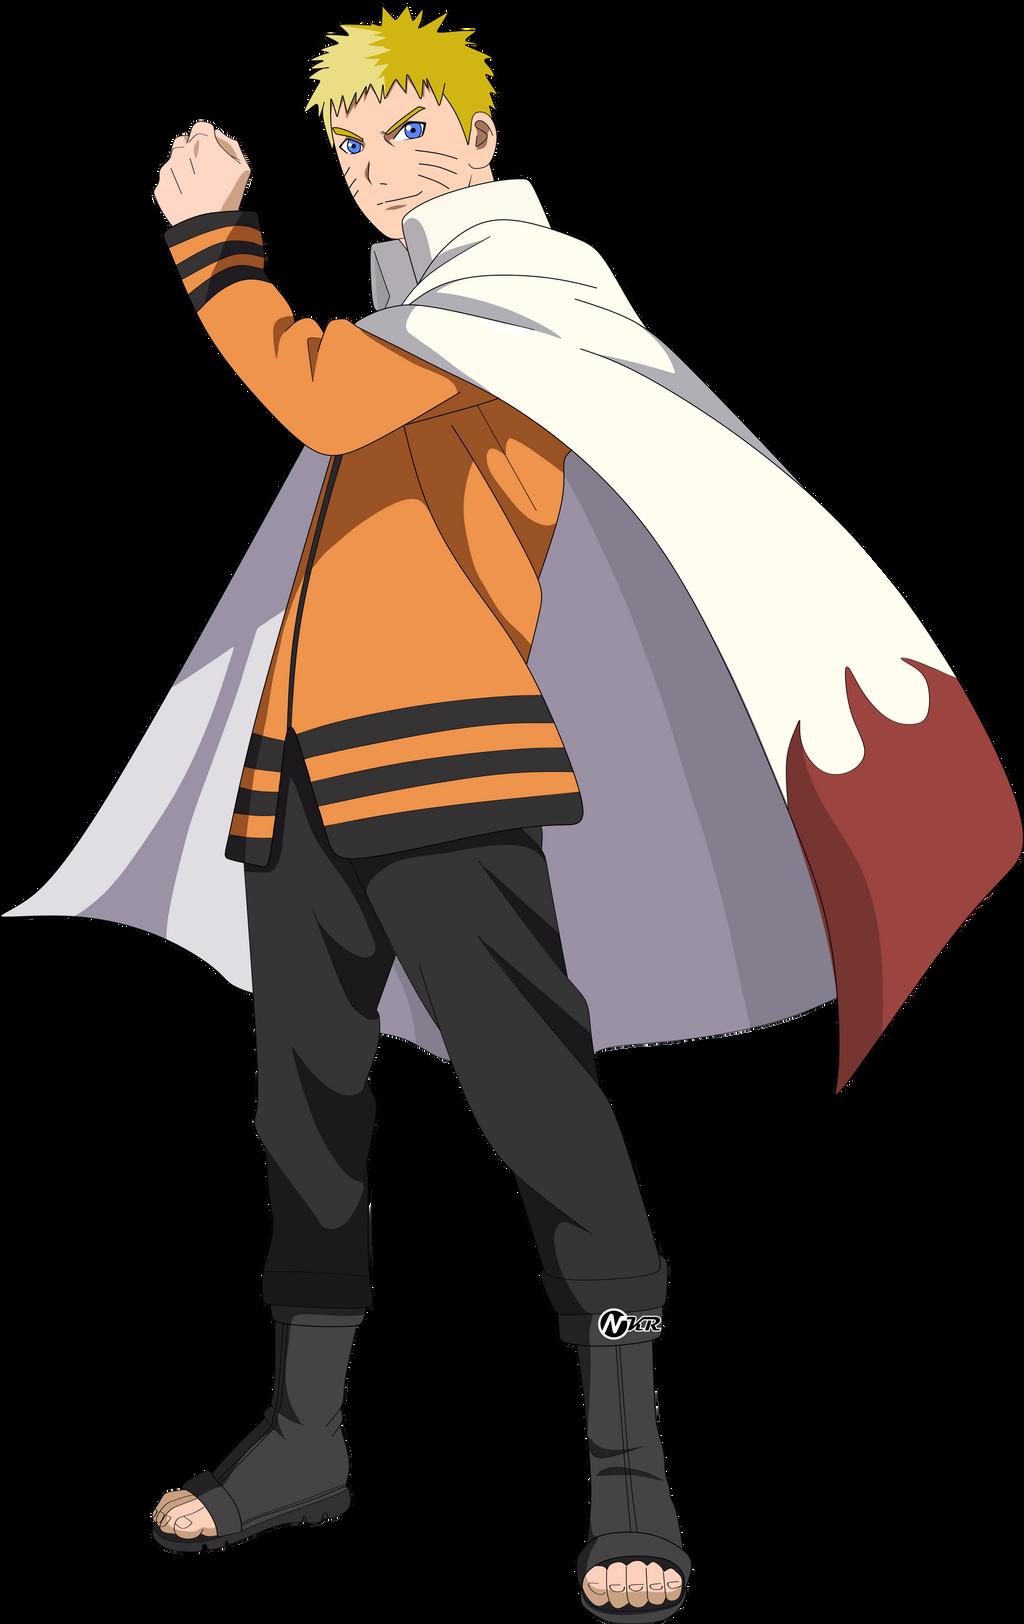 The Next Head of Hyūga Clan after Hiashi